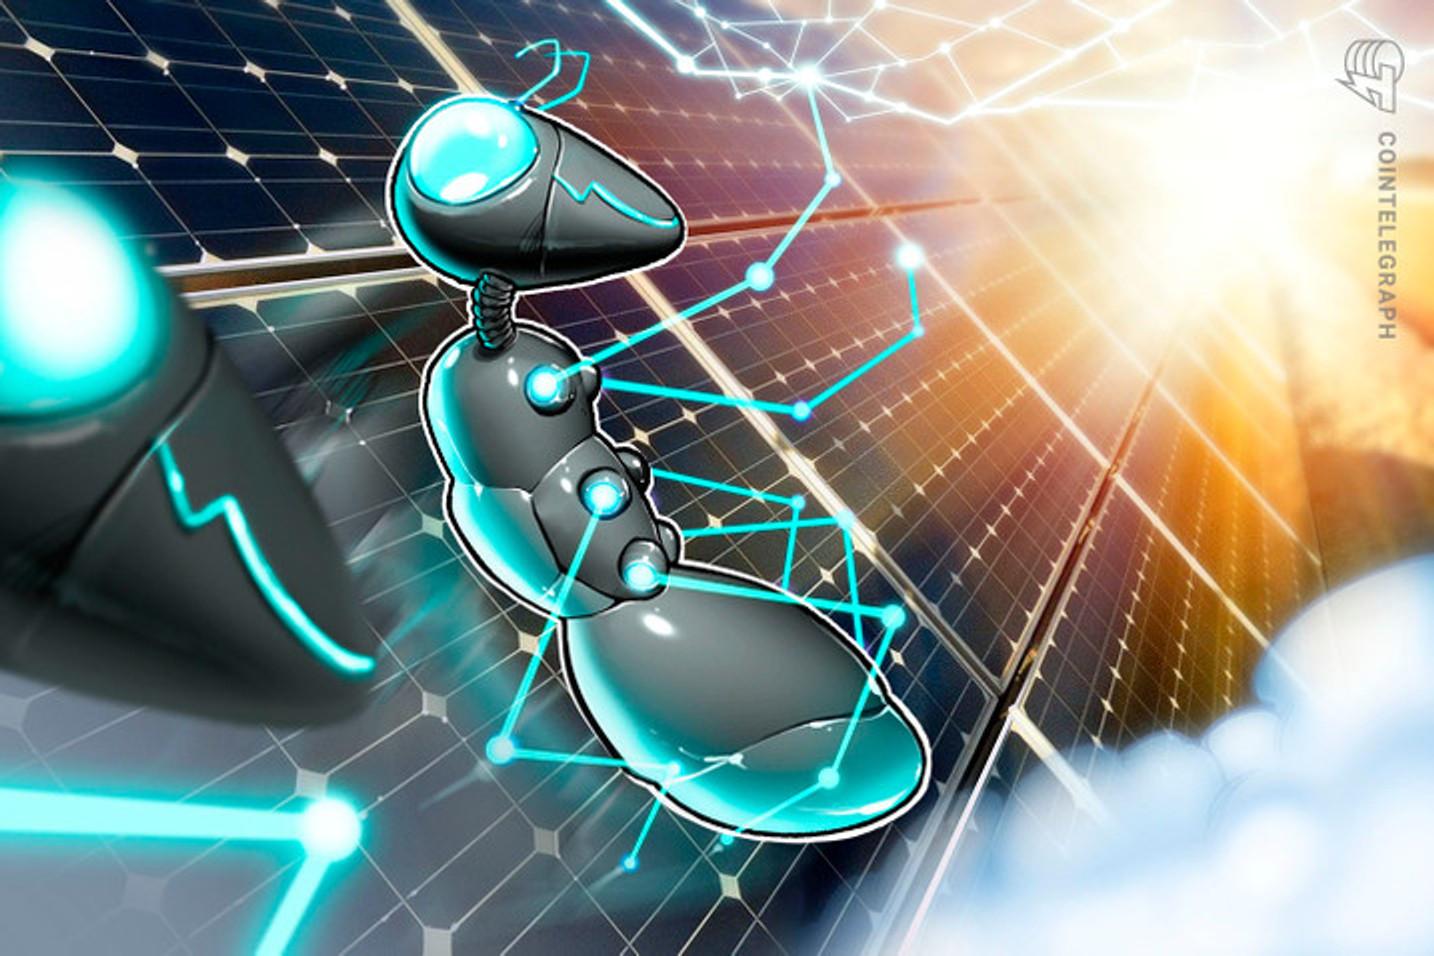 Plataforma colaborativa busca democratizar la energía solar utilizando blockchain e Internet de las Cosas